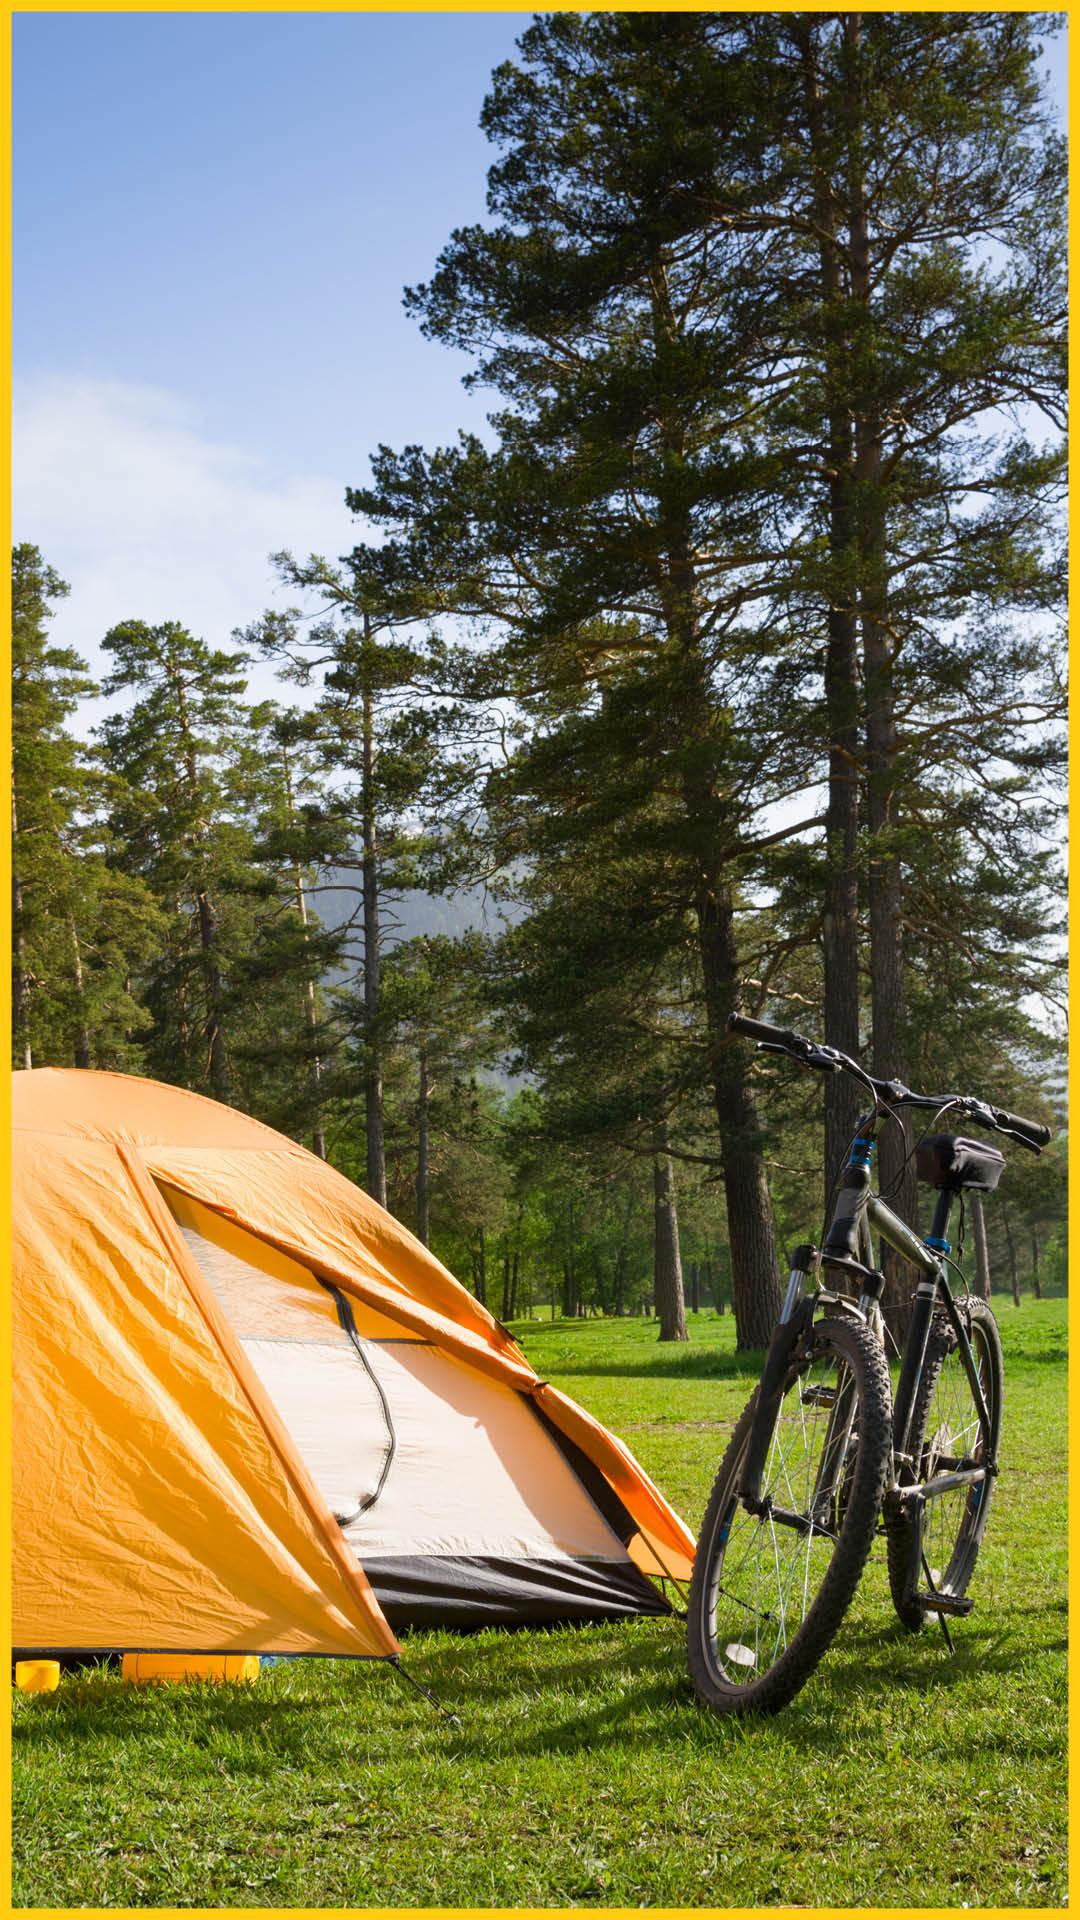 Orangefarbenes Zelt mit zwei Fahrrädern davor und Bäumen im Hintergrund auf dem Radweg Thüringer Städtekette durchgeführt vom Werra Bikes